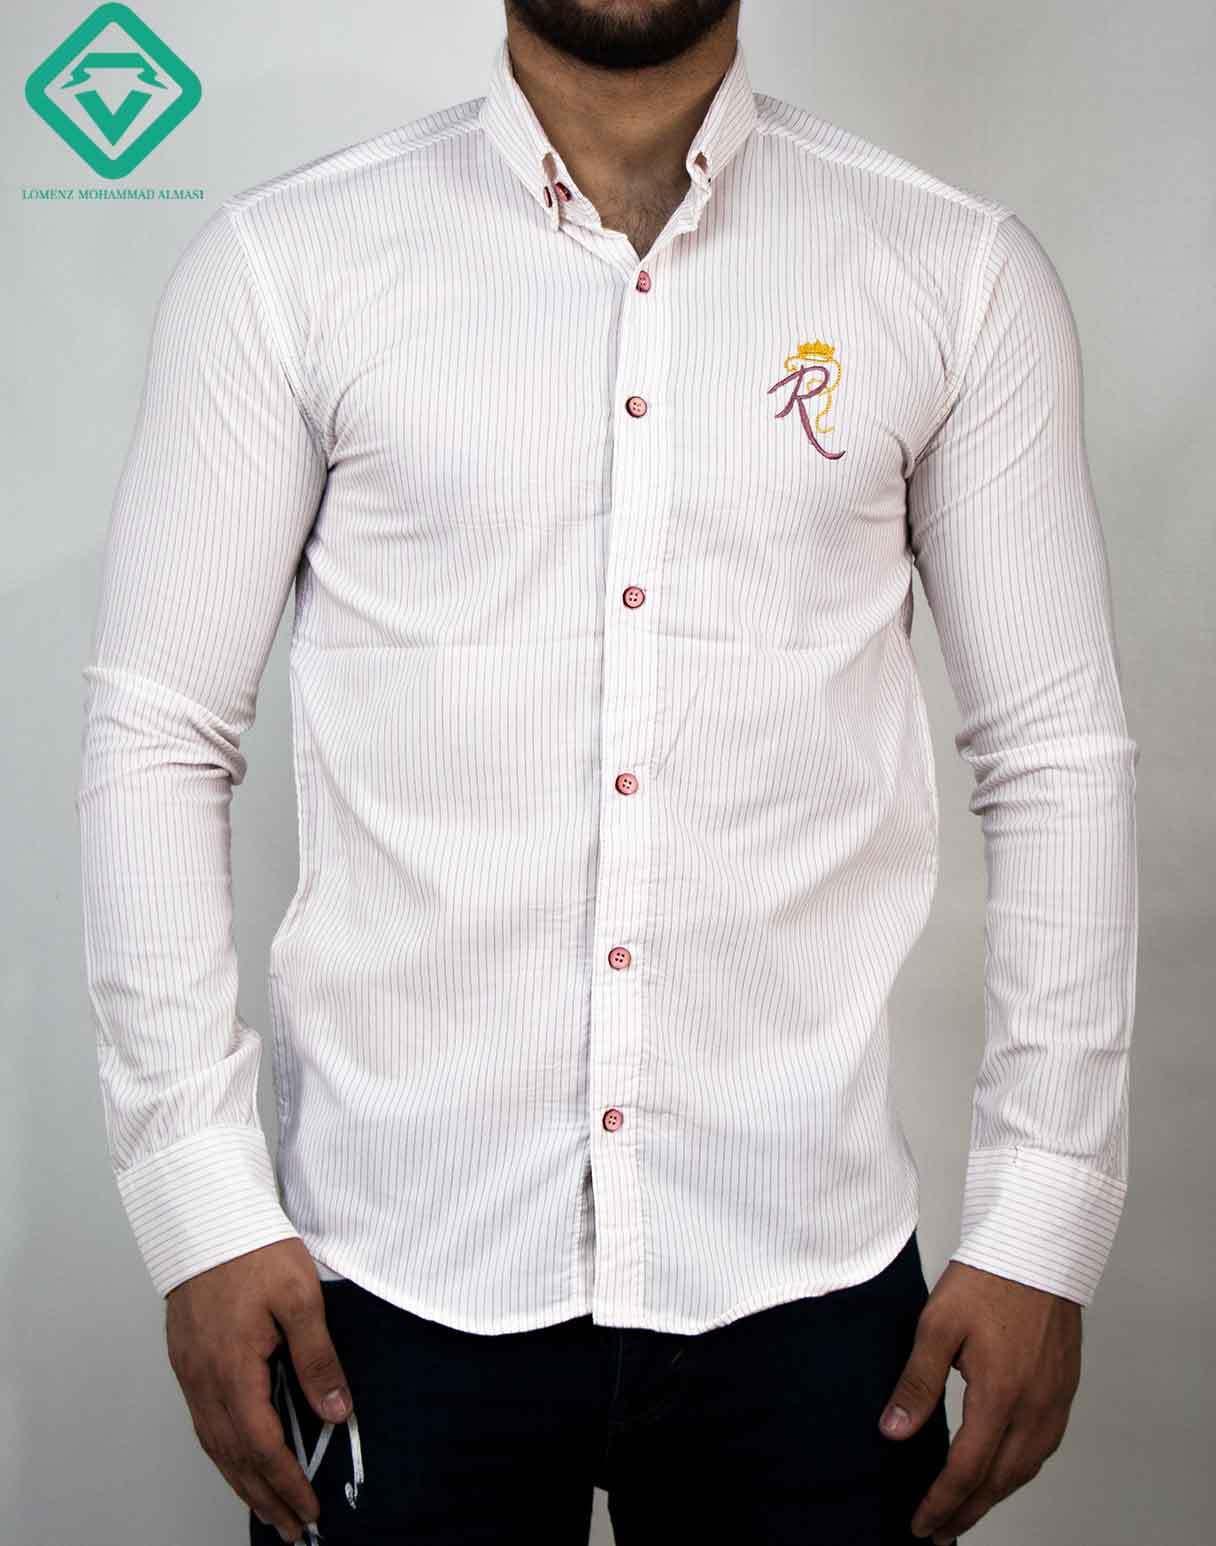 پیراهن آستین بلند اسپرت رنگ سفید | فروشگاه لومنز